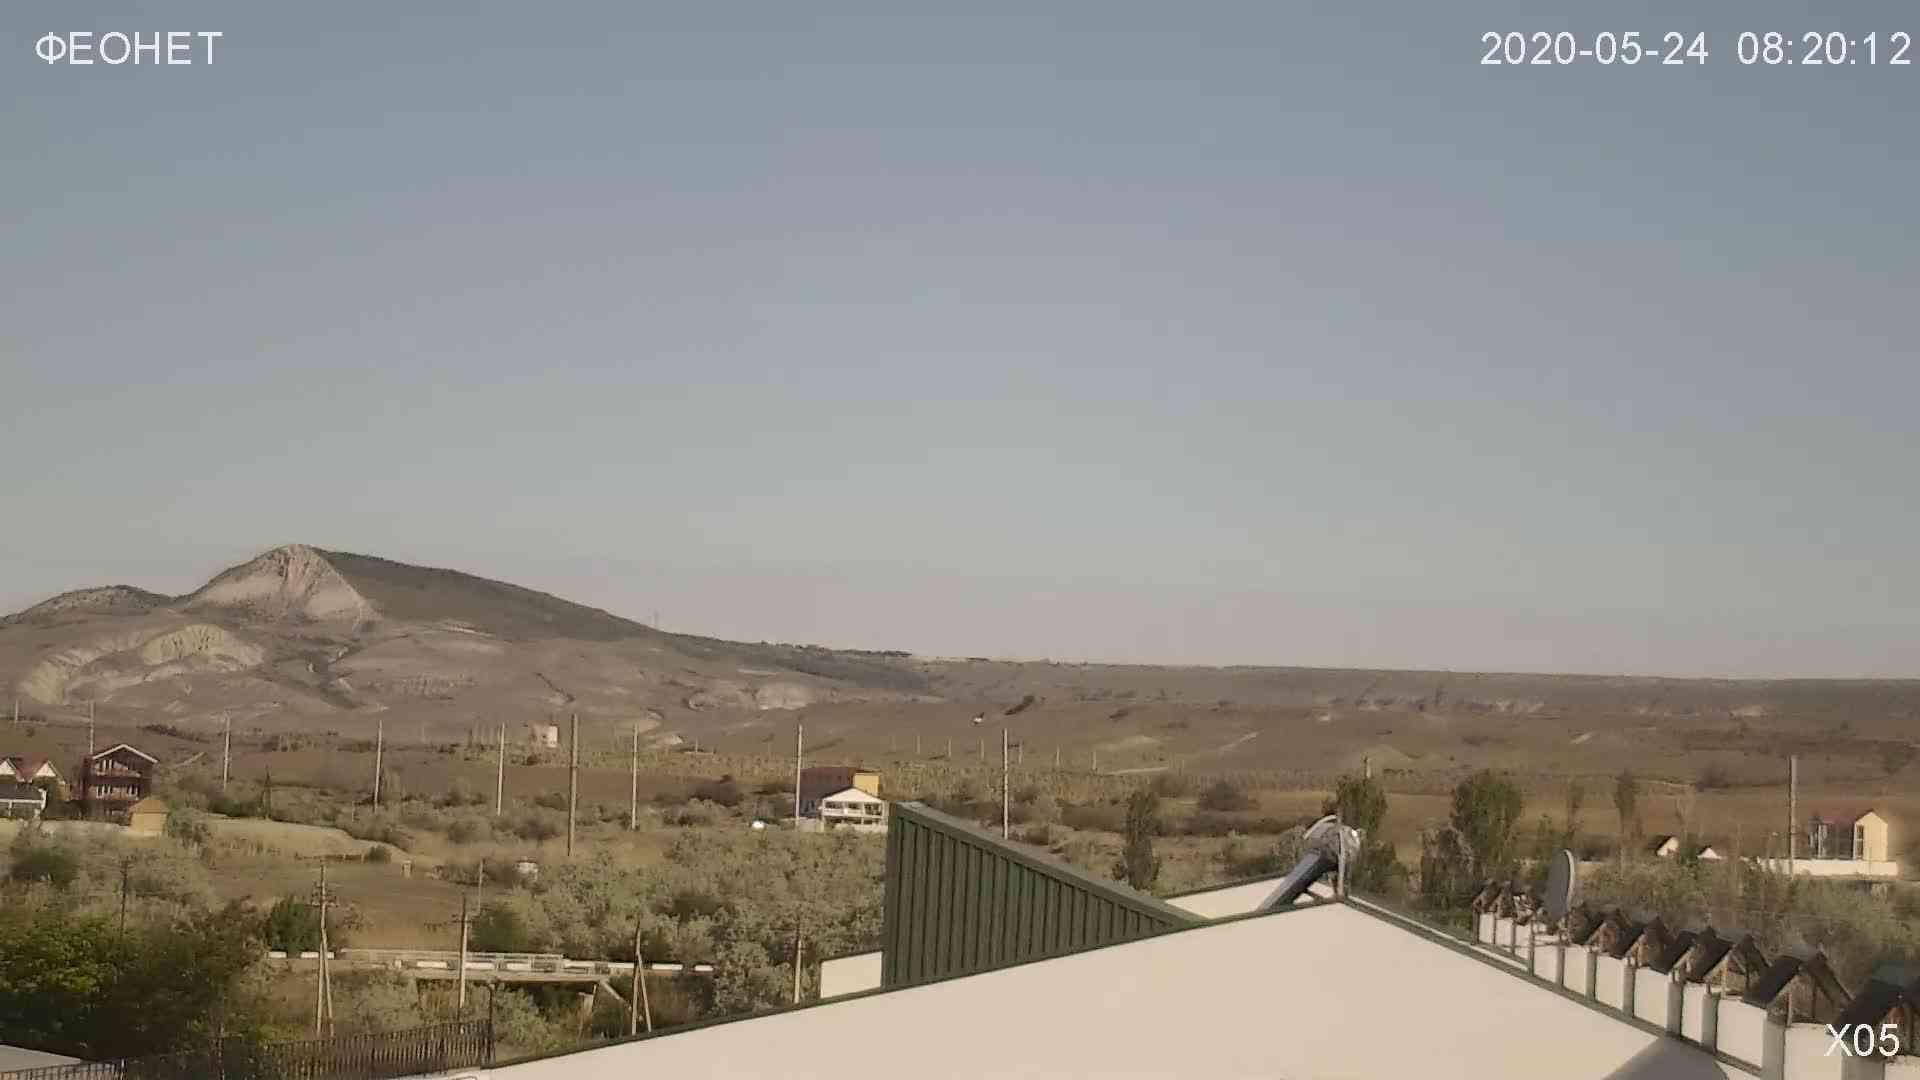 Веб-камеры Феодосии, Обзорная камера в Коктебеле, 2020-05-24 08:21:39